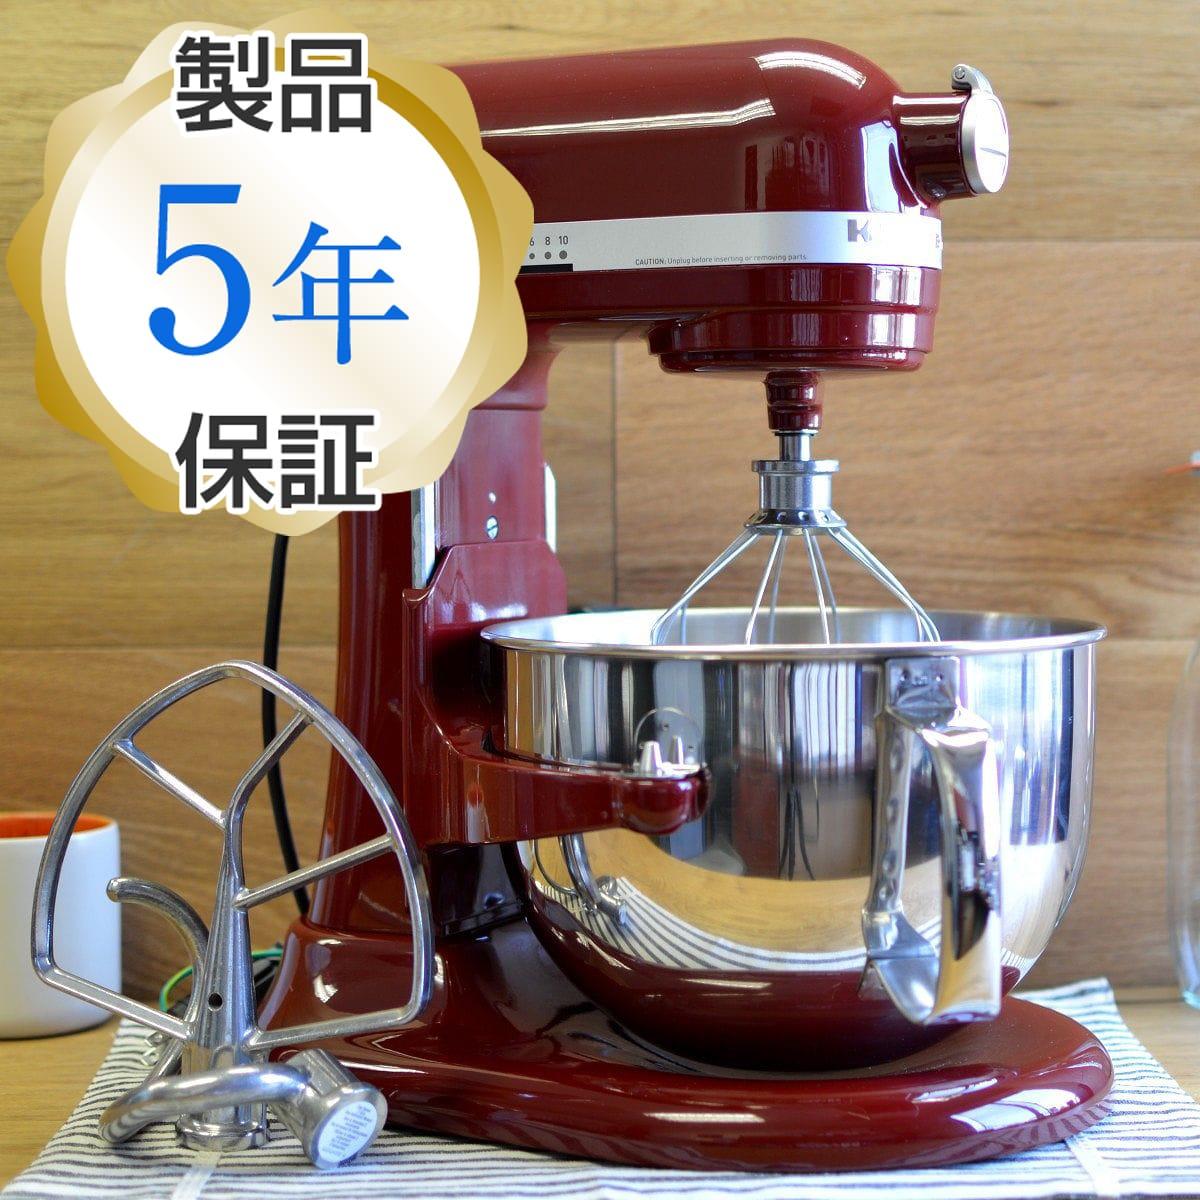 キッチンエイド スタンドミキサー プロフェッショナル 600 5.8L グロス シナモン レッド KitchenAid Stand Mixer KP26M1XGC Gloss Cinnamon【日本語説明書付】 家電